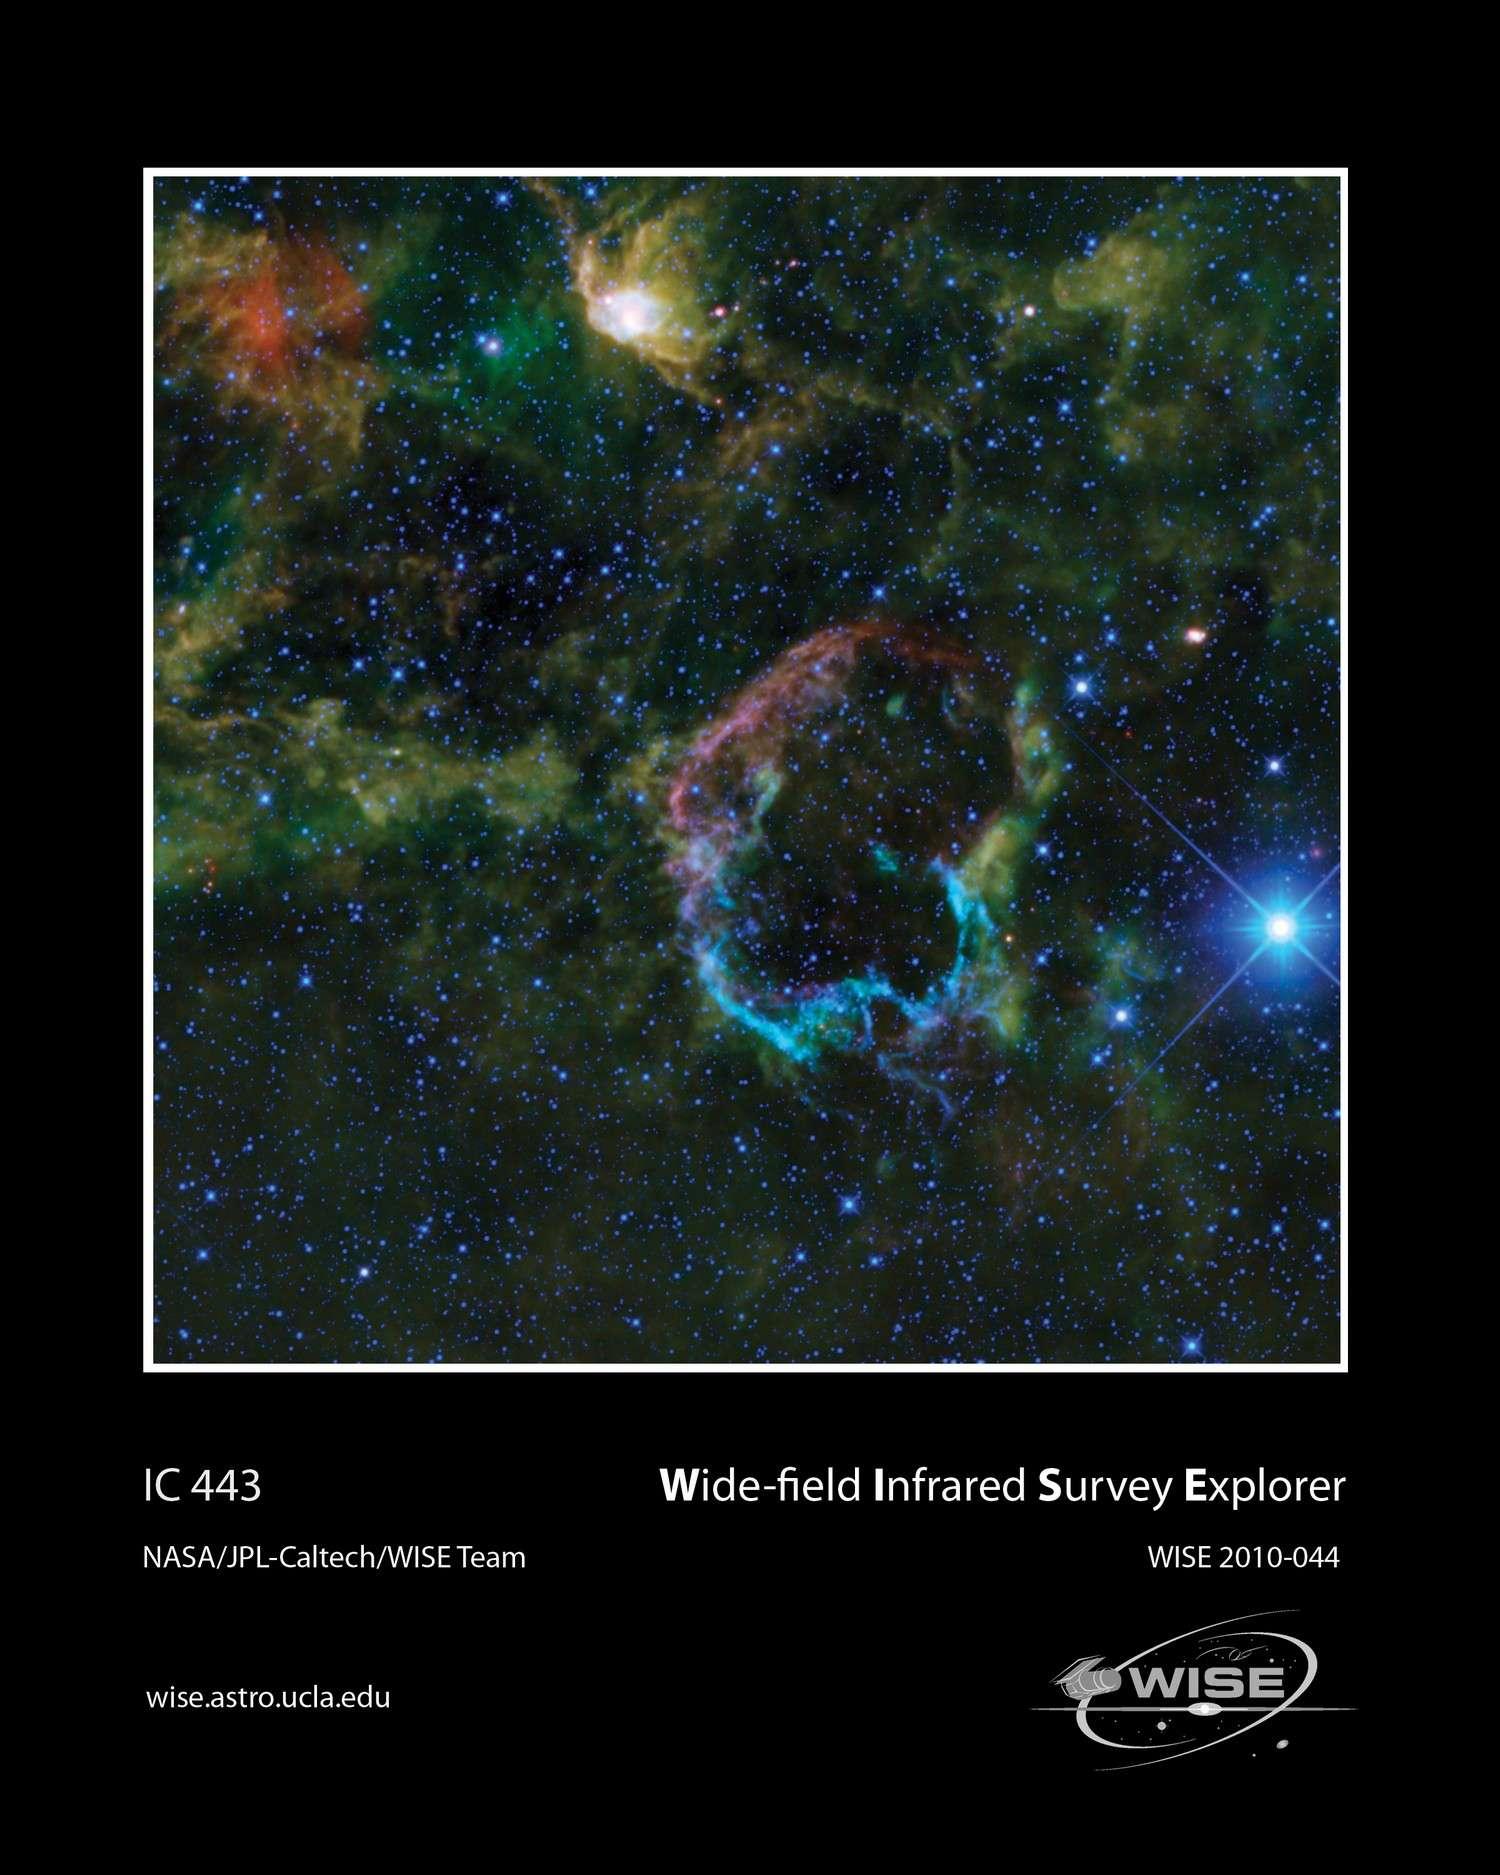 IC 443, la nébuleuse de la Méduse, révélée par le télescope infrarouge Wise. © Nasa/JPL-Caltech/Wise Team